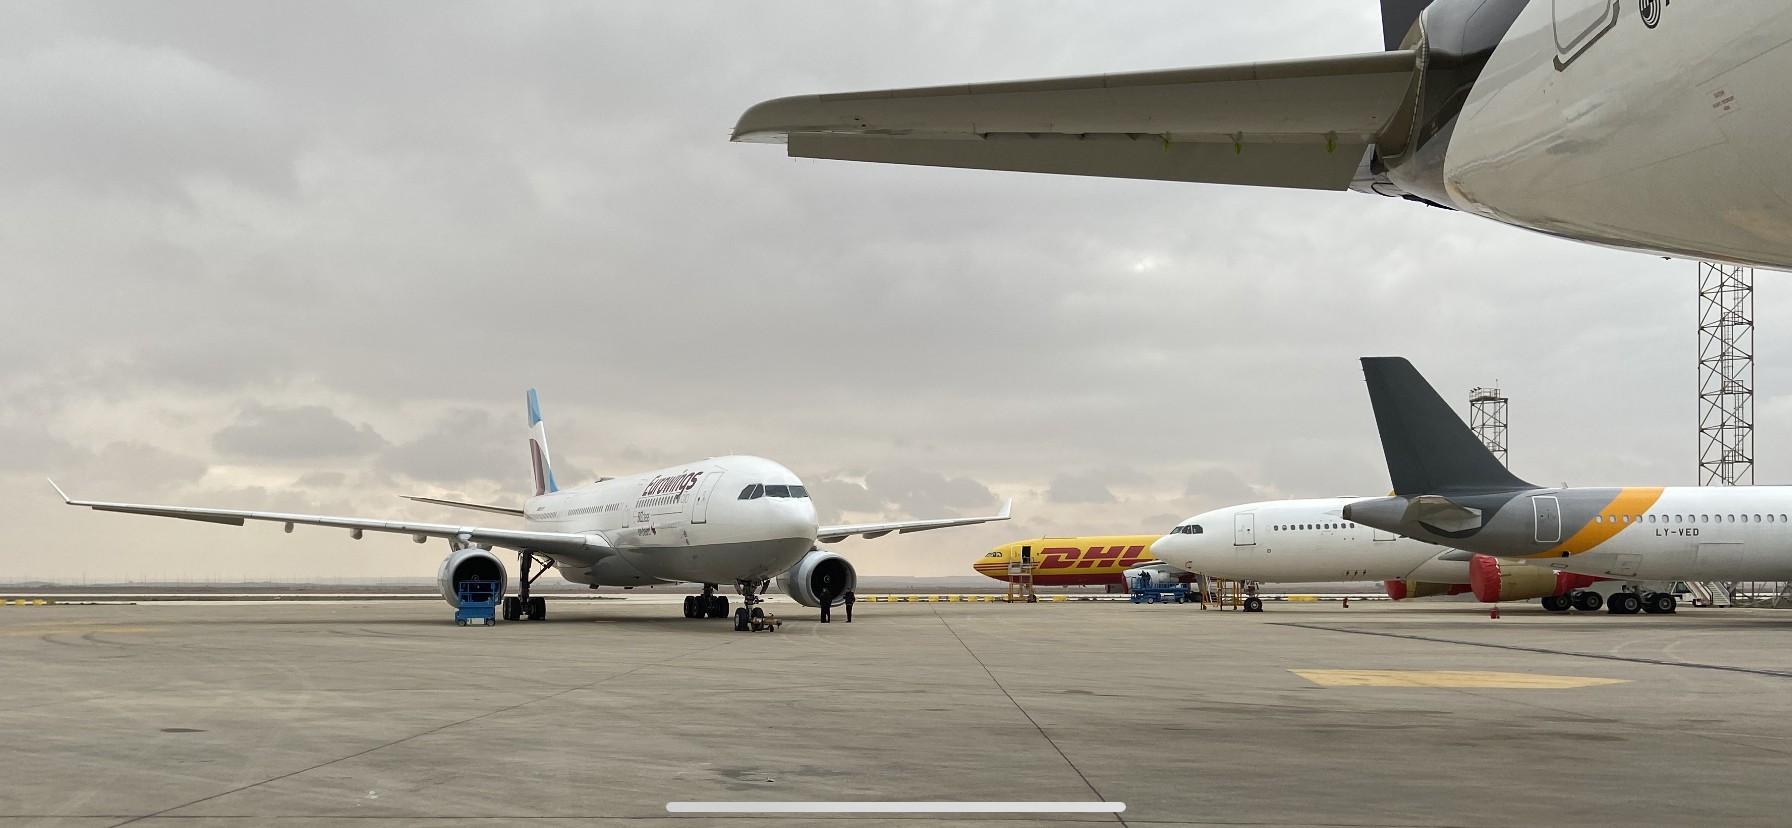 A330 Cabin Mod